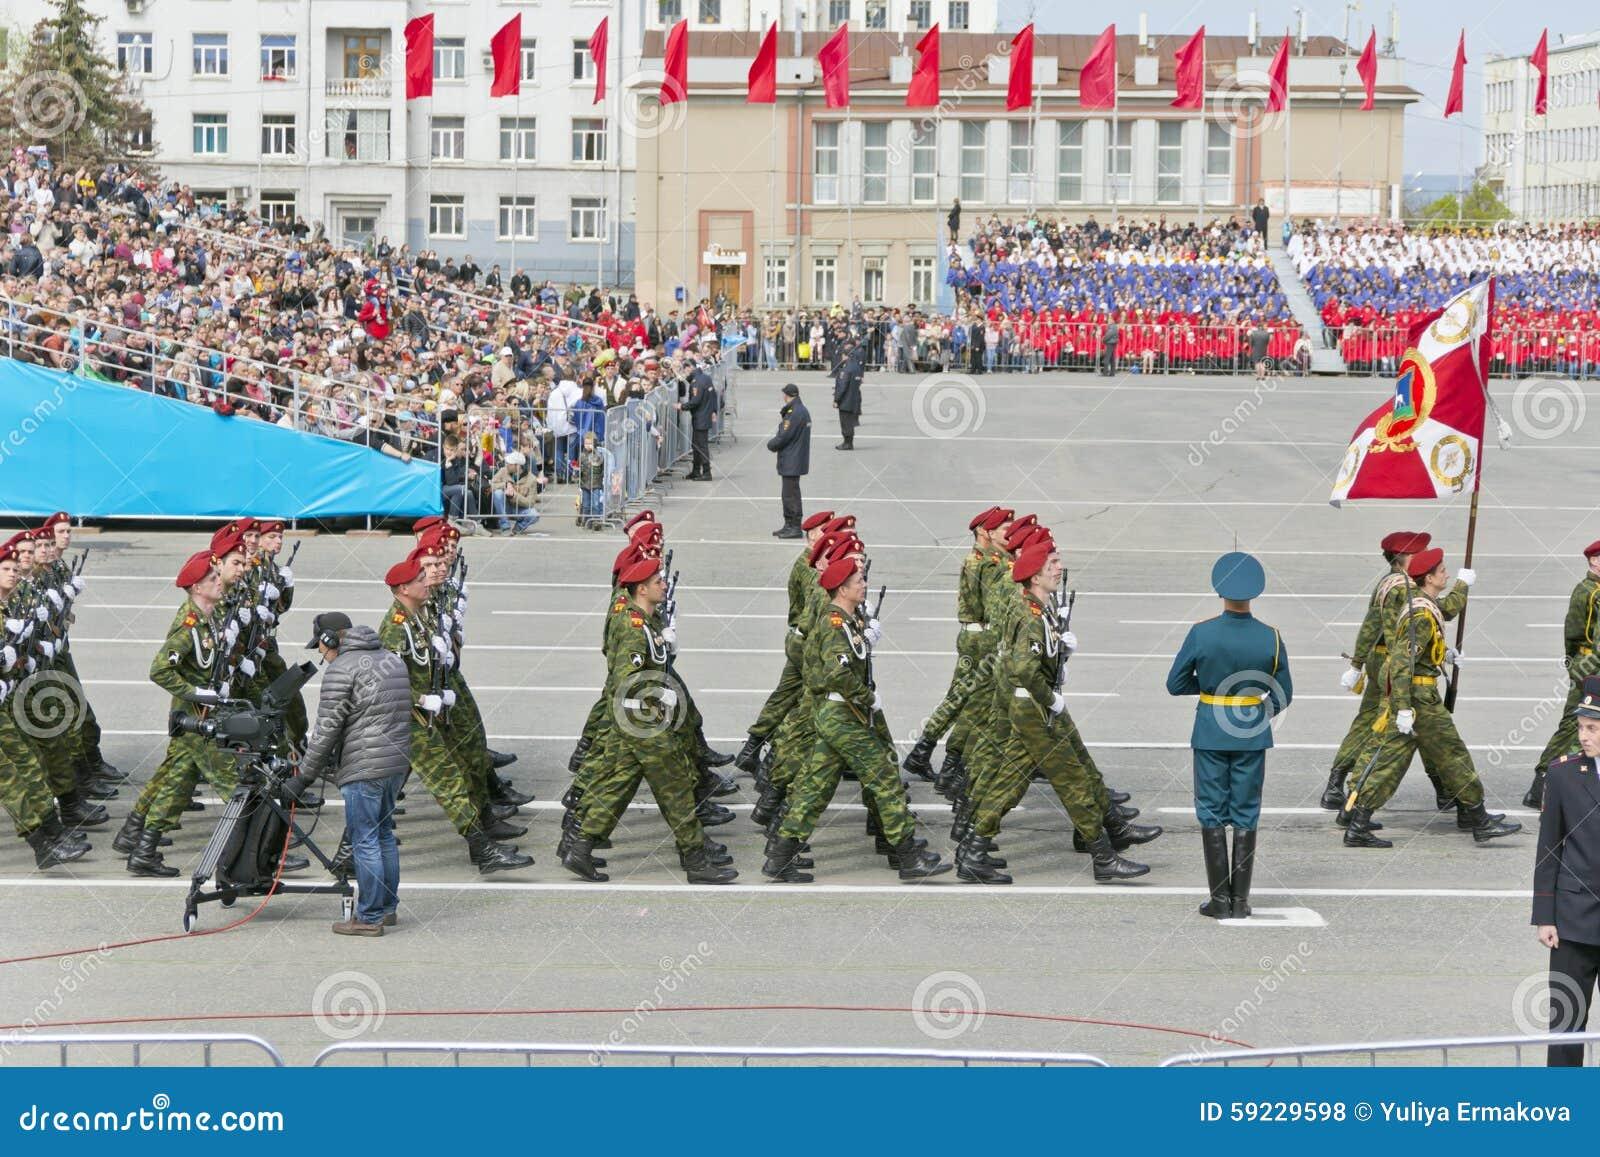 Download Los Soldados Rusos Marchan En El Desfile En Victory Day Anual Foto de archivo editorial - Imagen de fila, editorial: 59229598